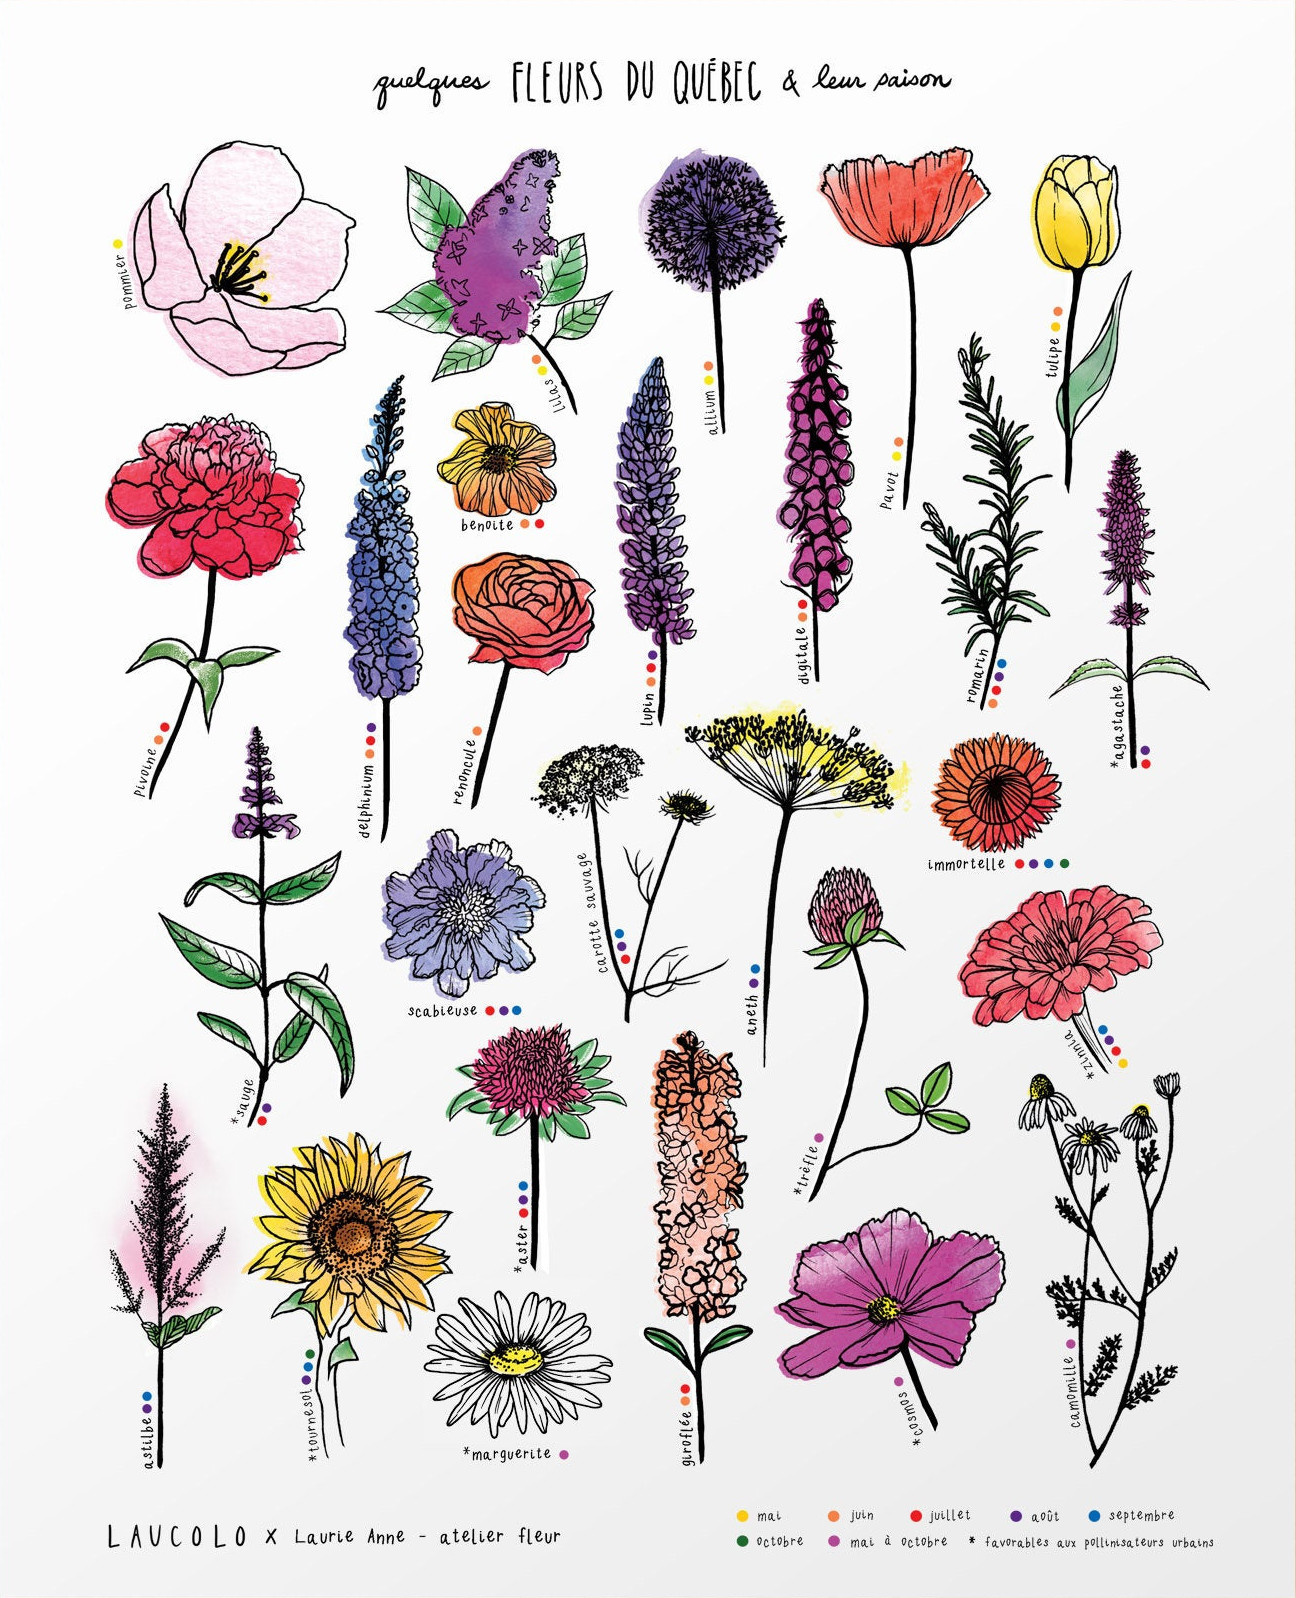 Illustration Laucolo - Fleurs du Québec